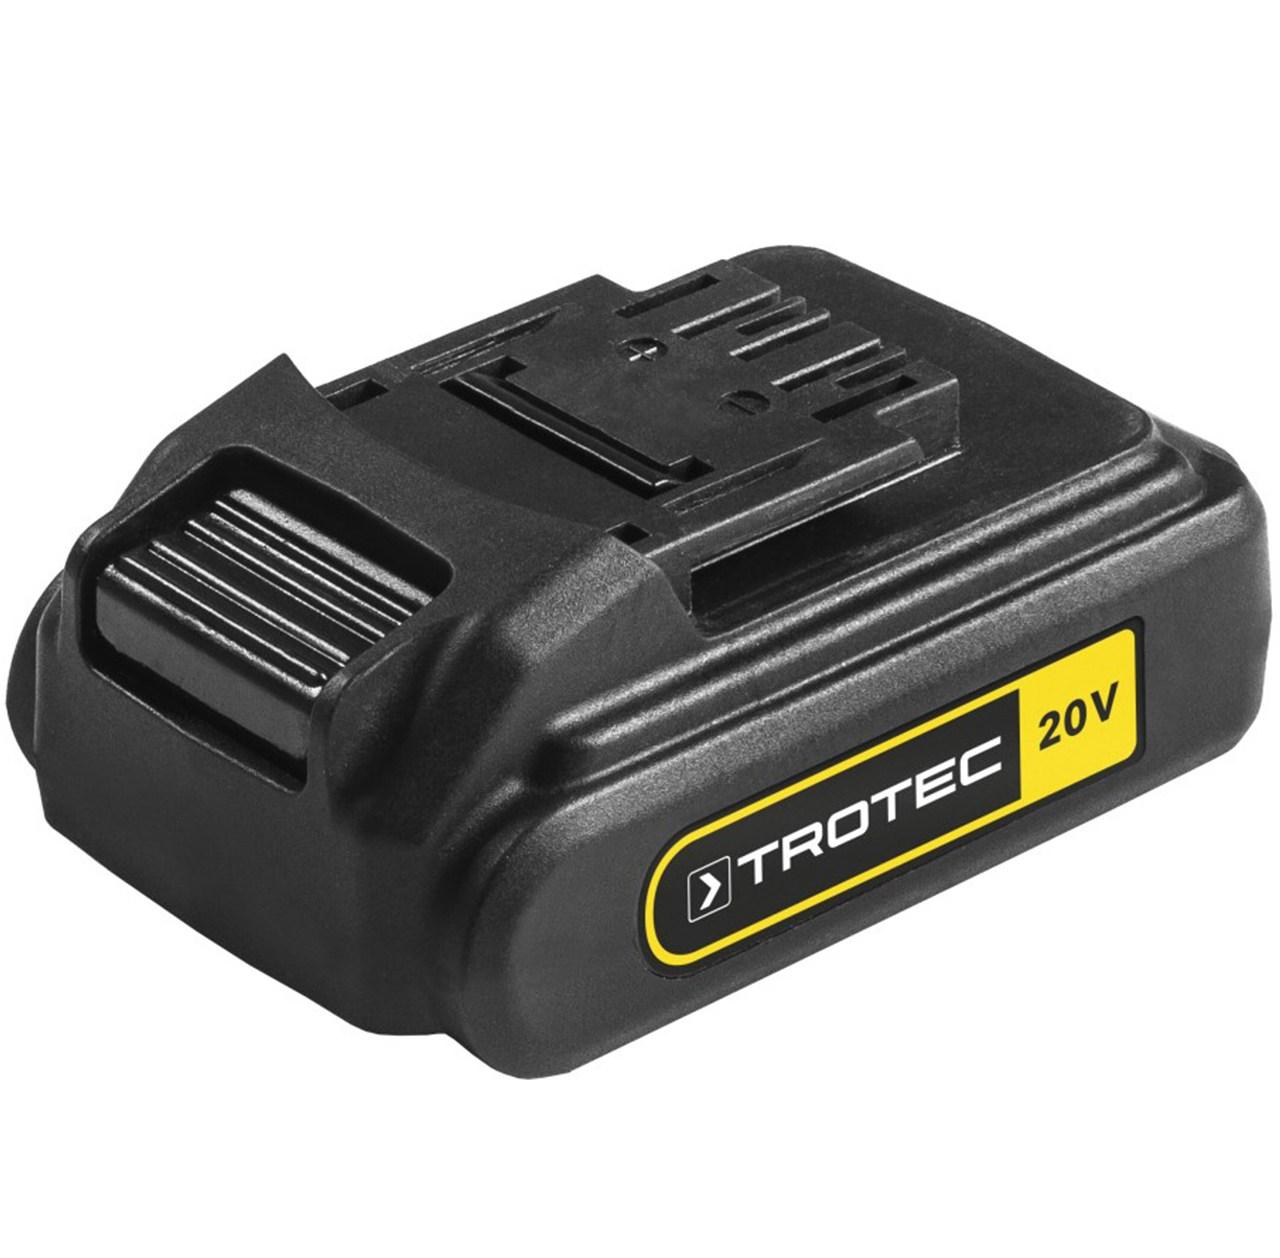 باتری 20 ولتی تروتک مدل PSCS10-20v